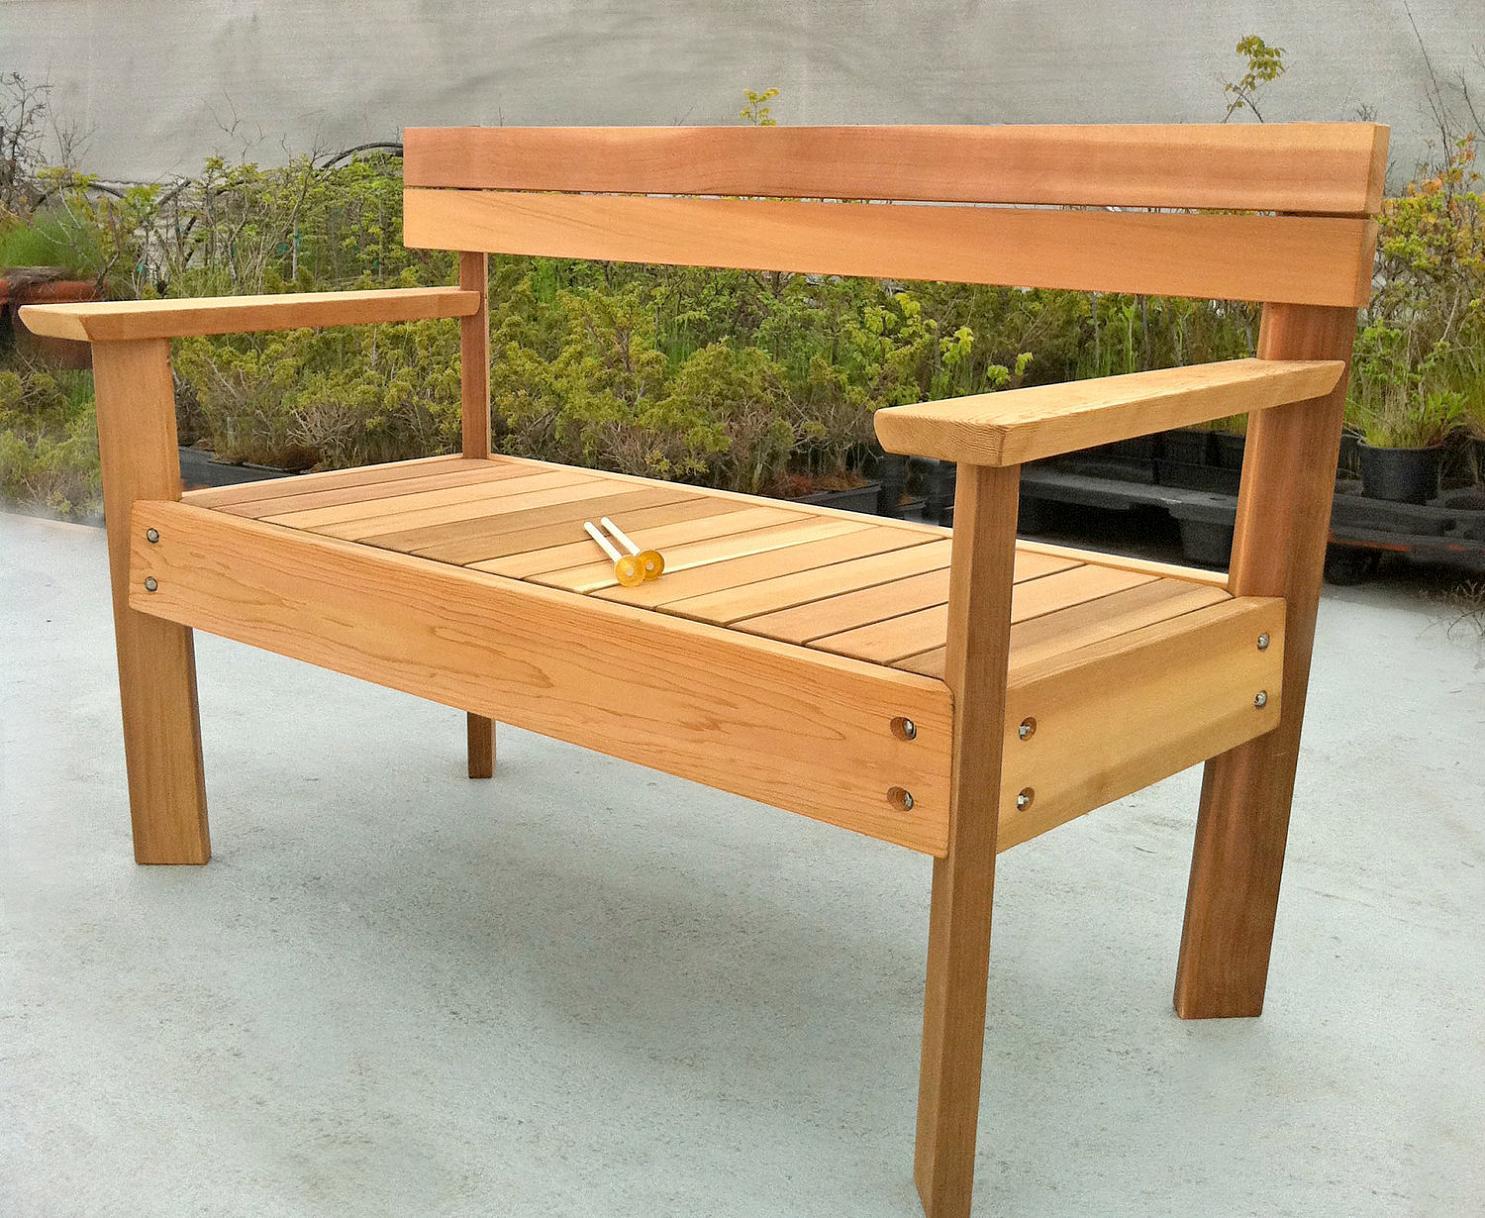 ספסלי עץ לבית- כיצד פריט קטן משדרג את כל הבית?